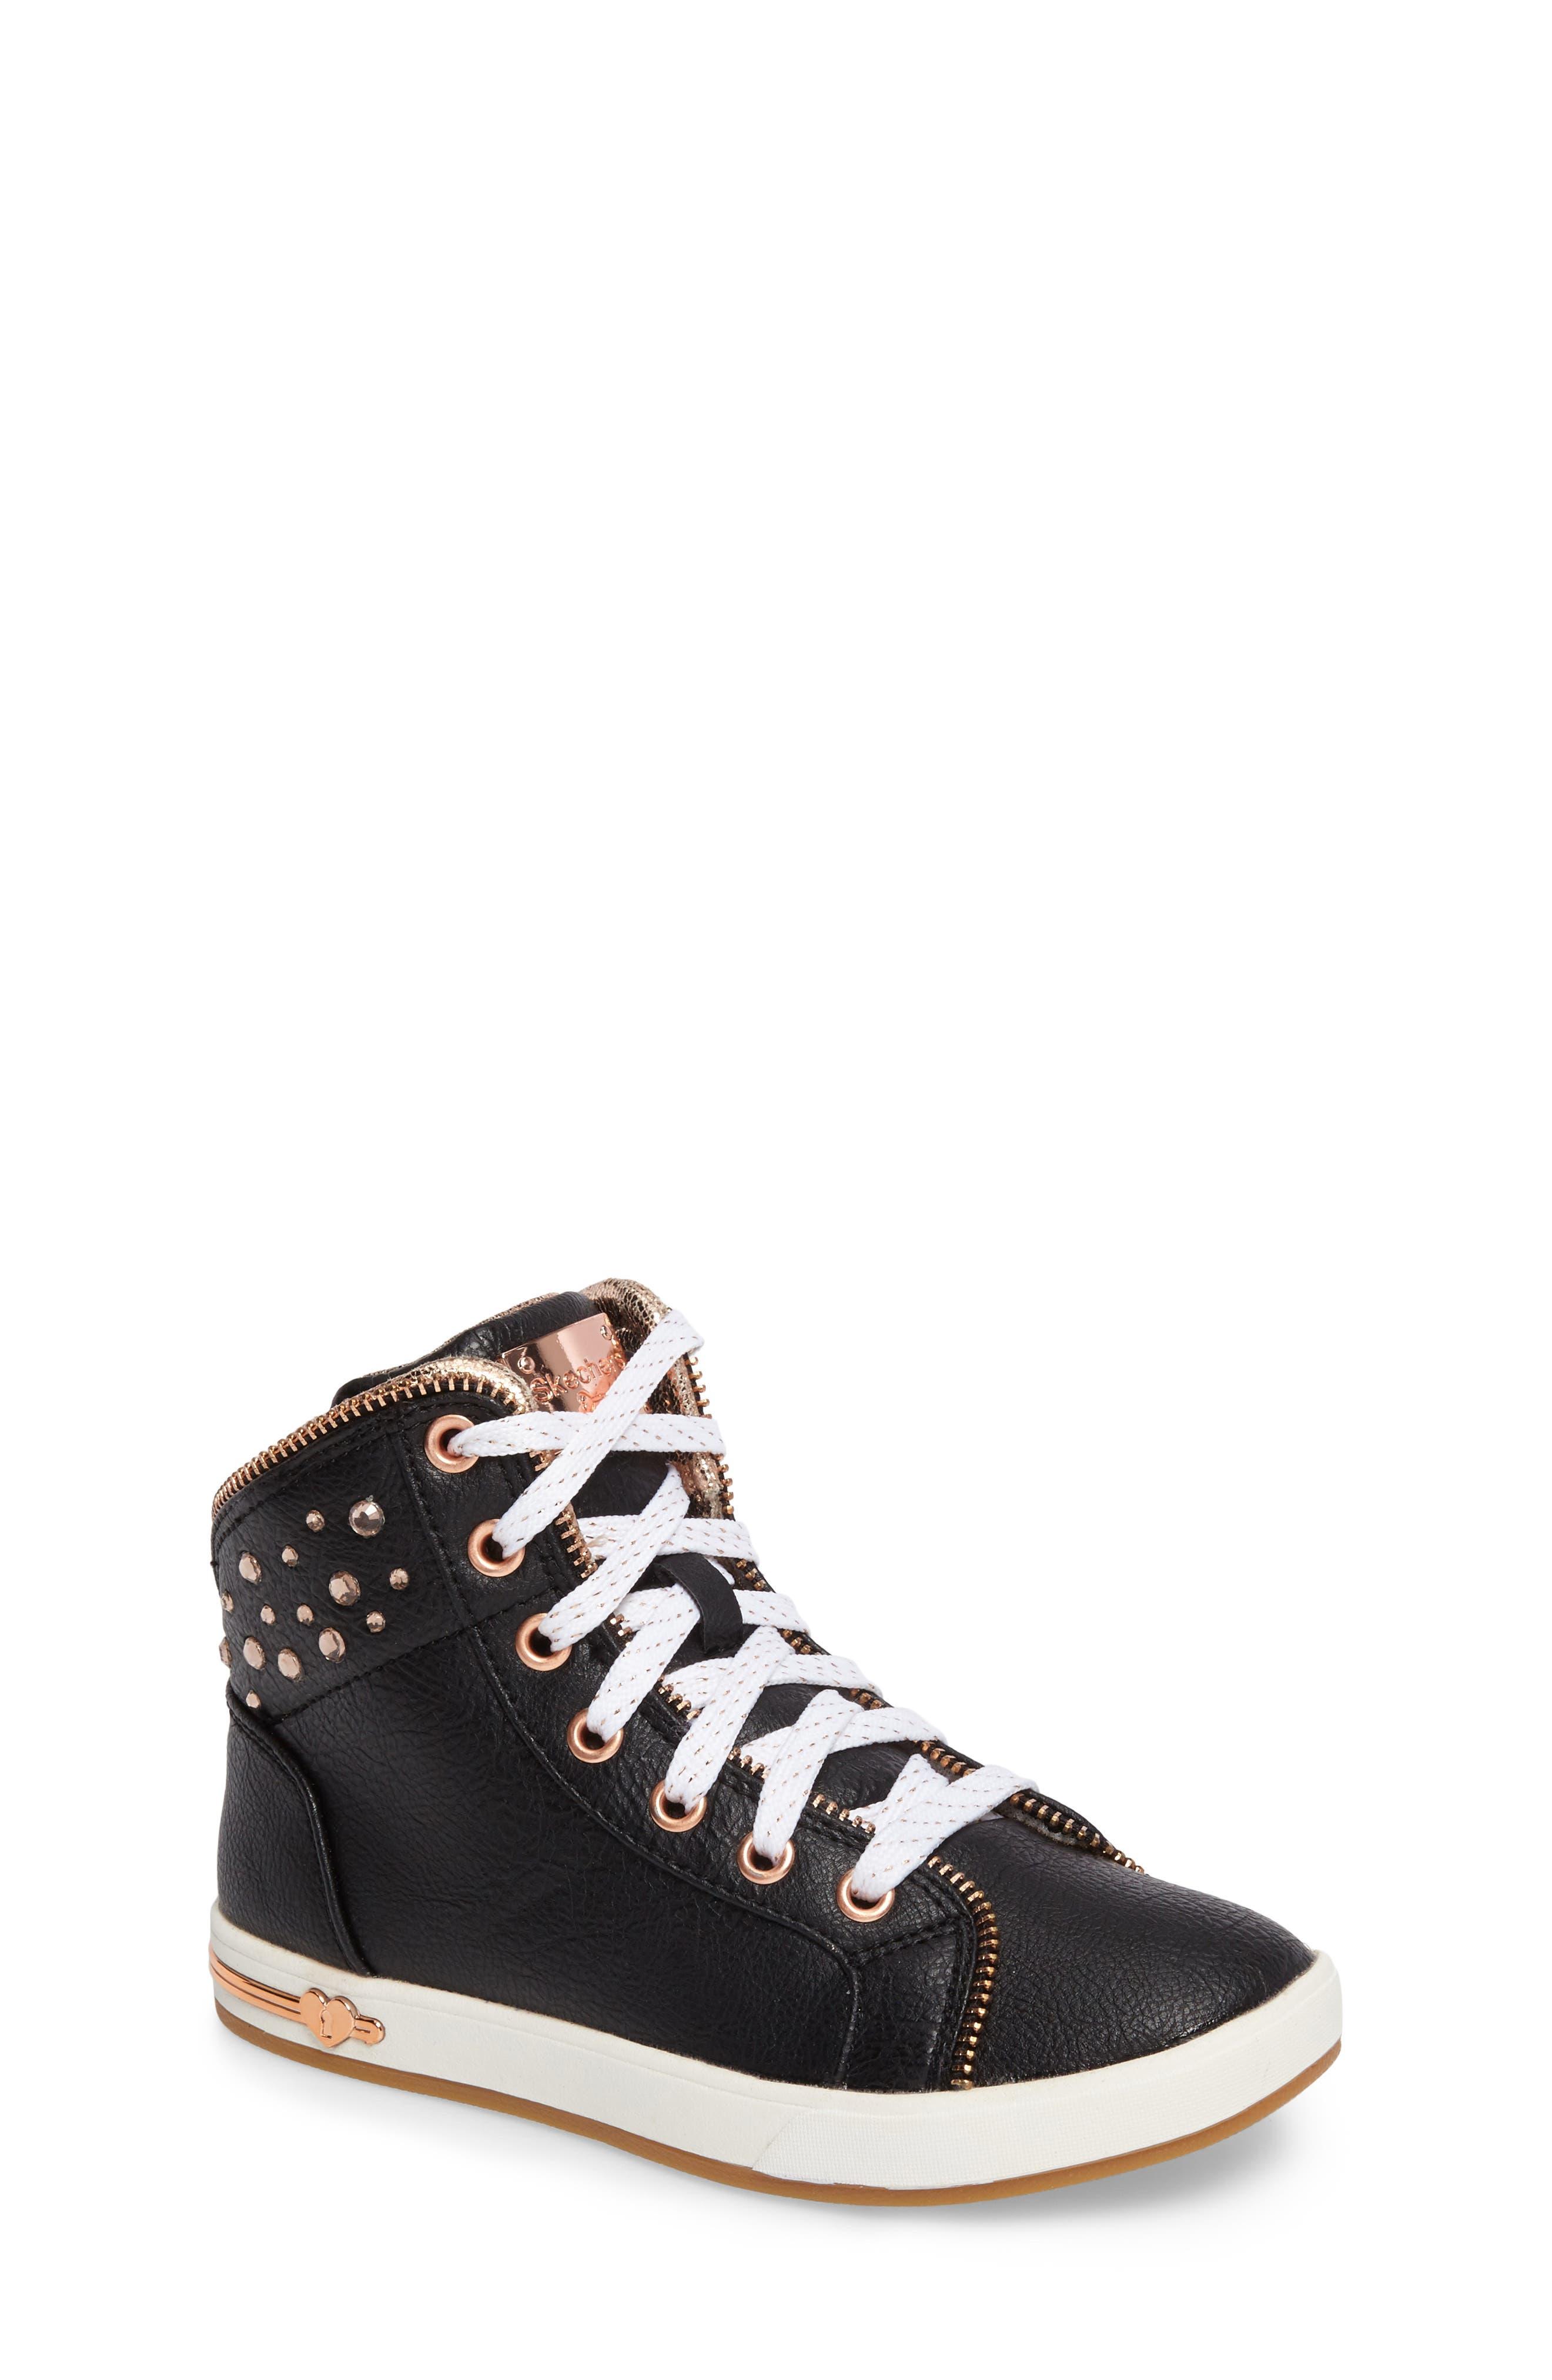 Shoutouts Embellished High Top Sneaker,                         Main,                         color, Black/ Rose Gold